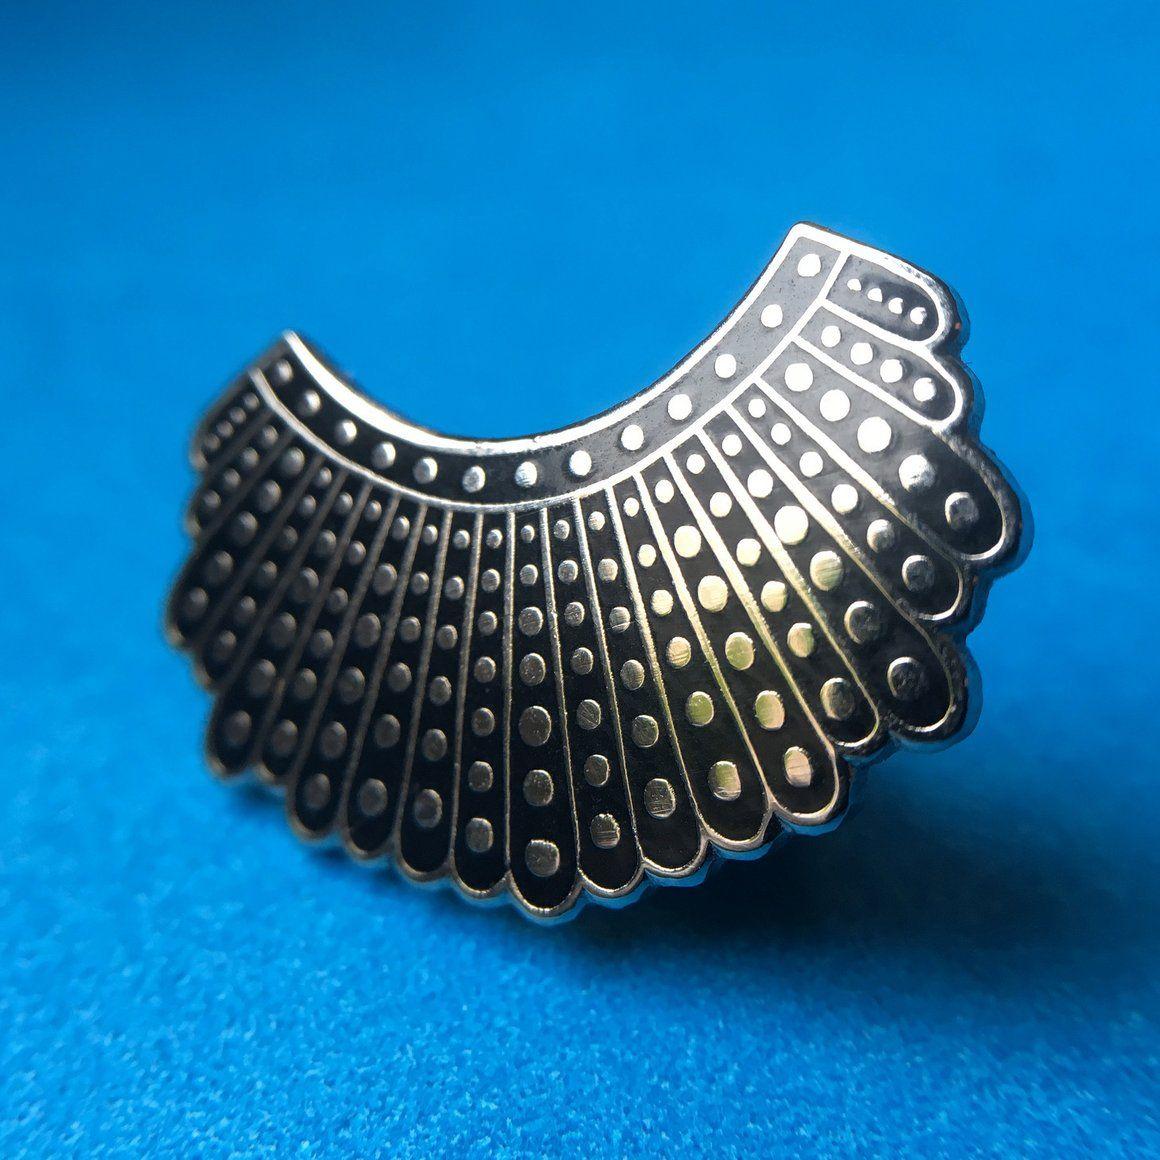 Ruth Bader Ginsburg's Dissent Collar Pin Collar pins